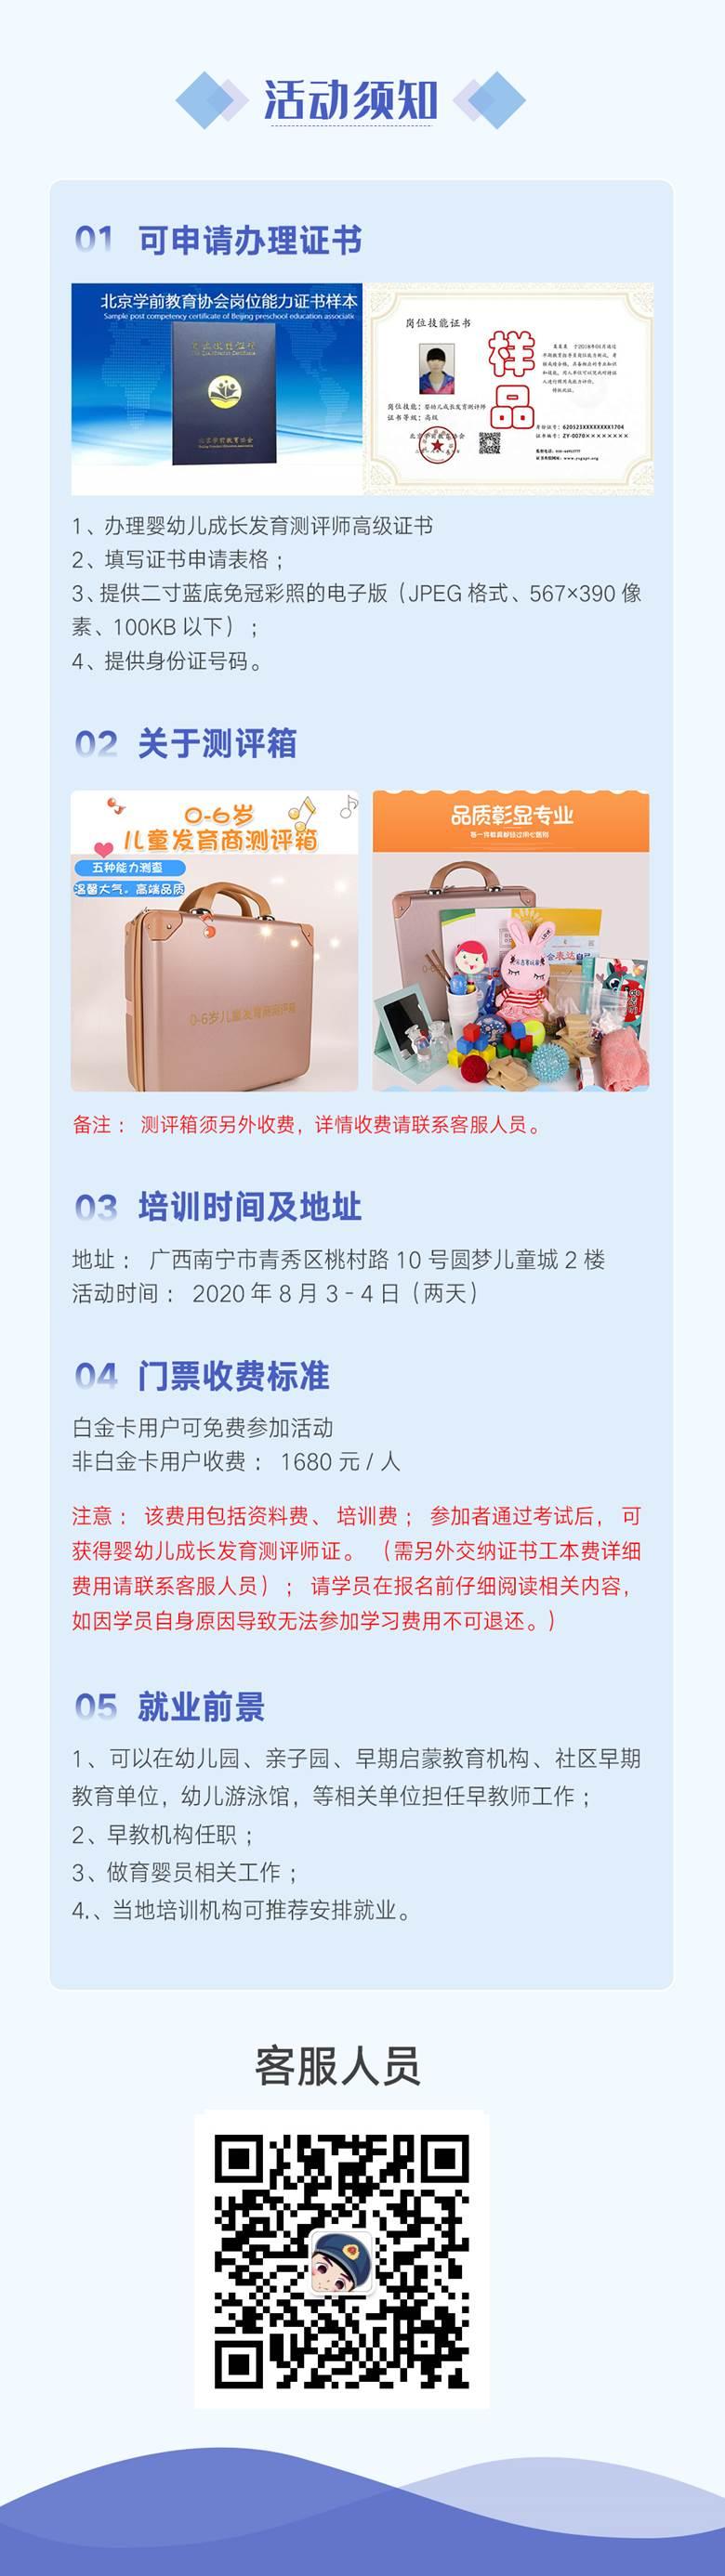 南宁长图(客服二维码)_05.jpg